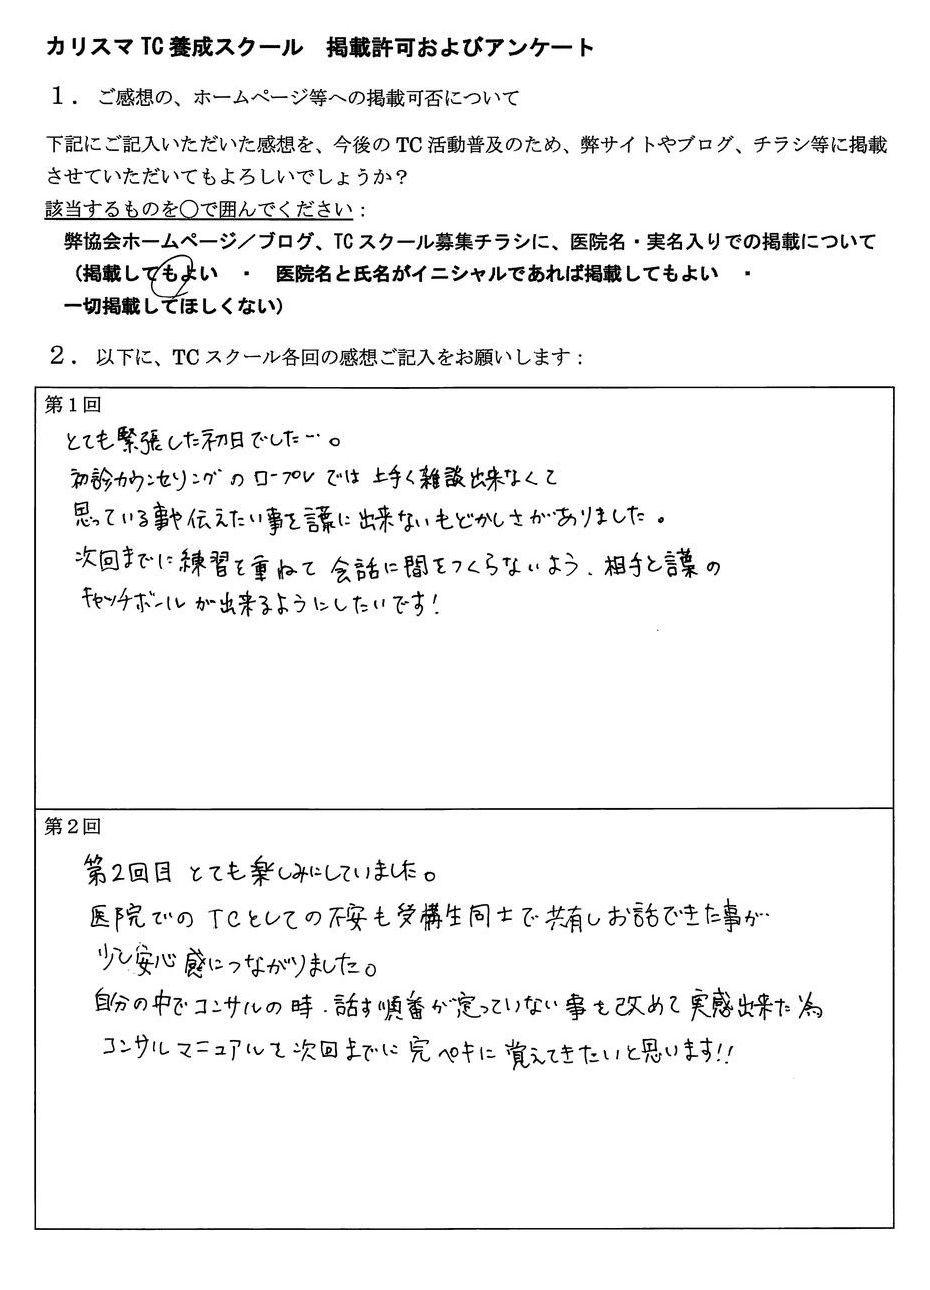 小柴 円香 様アンケート